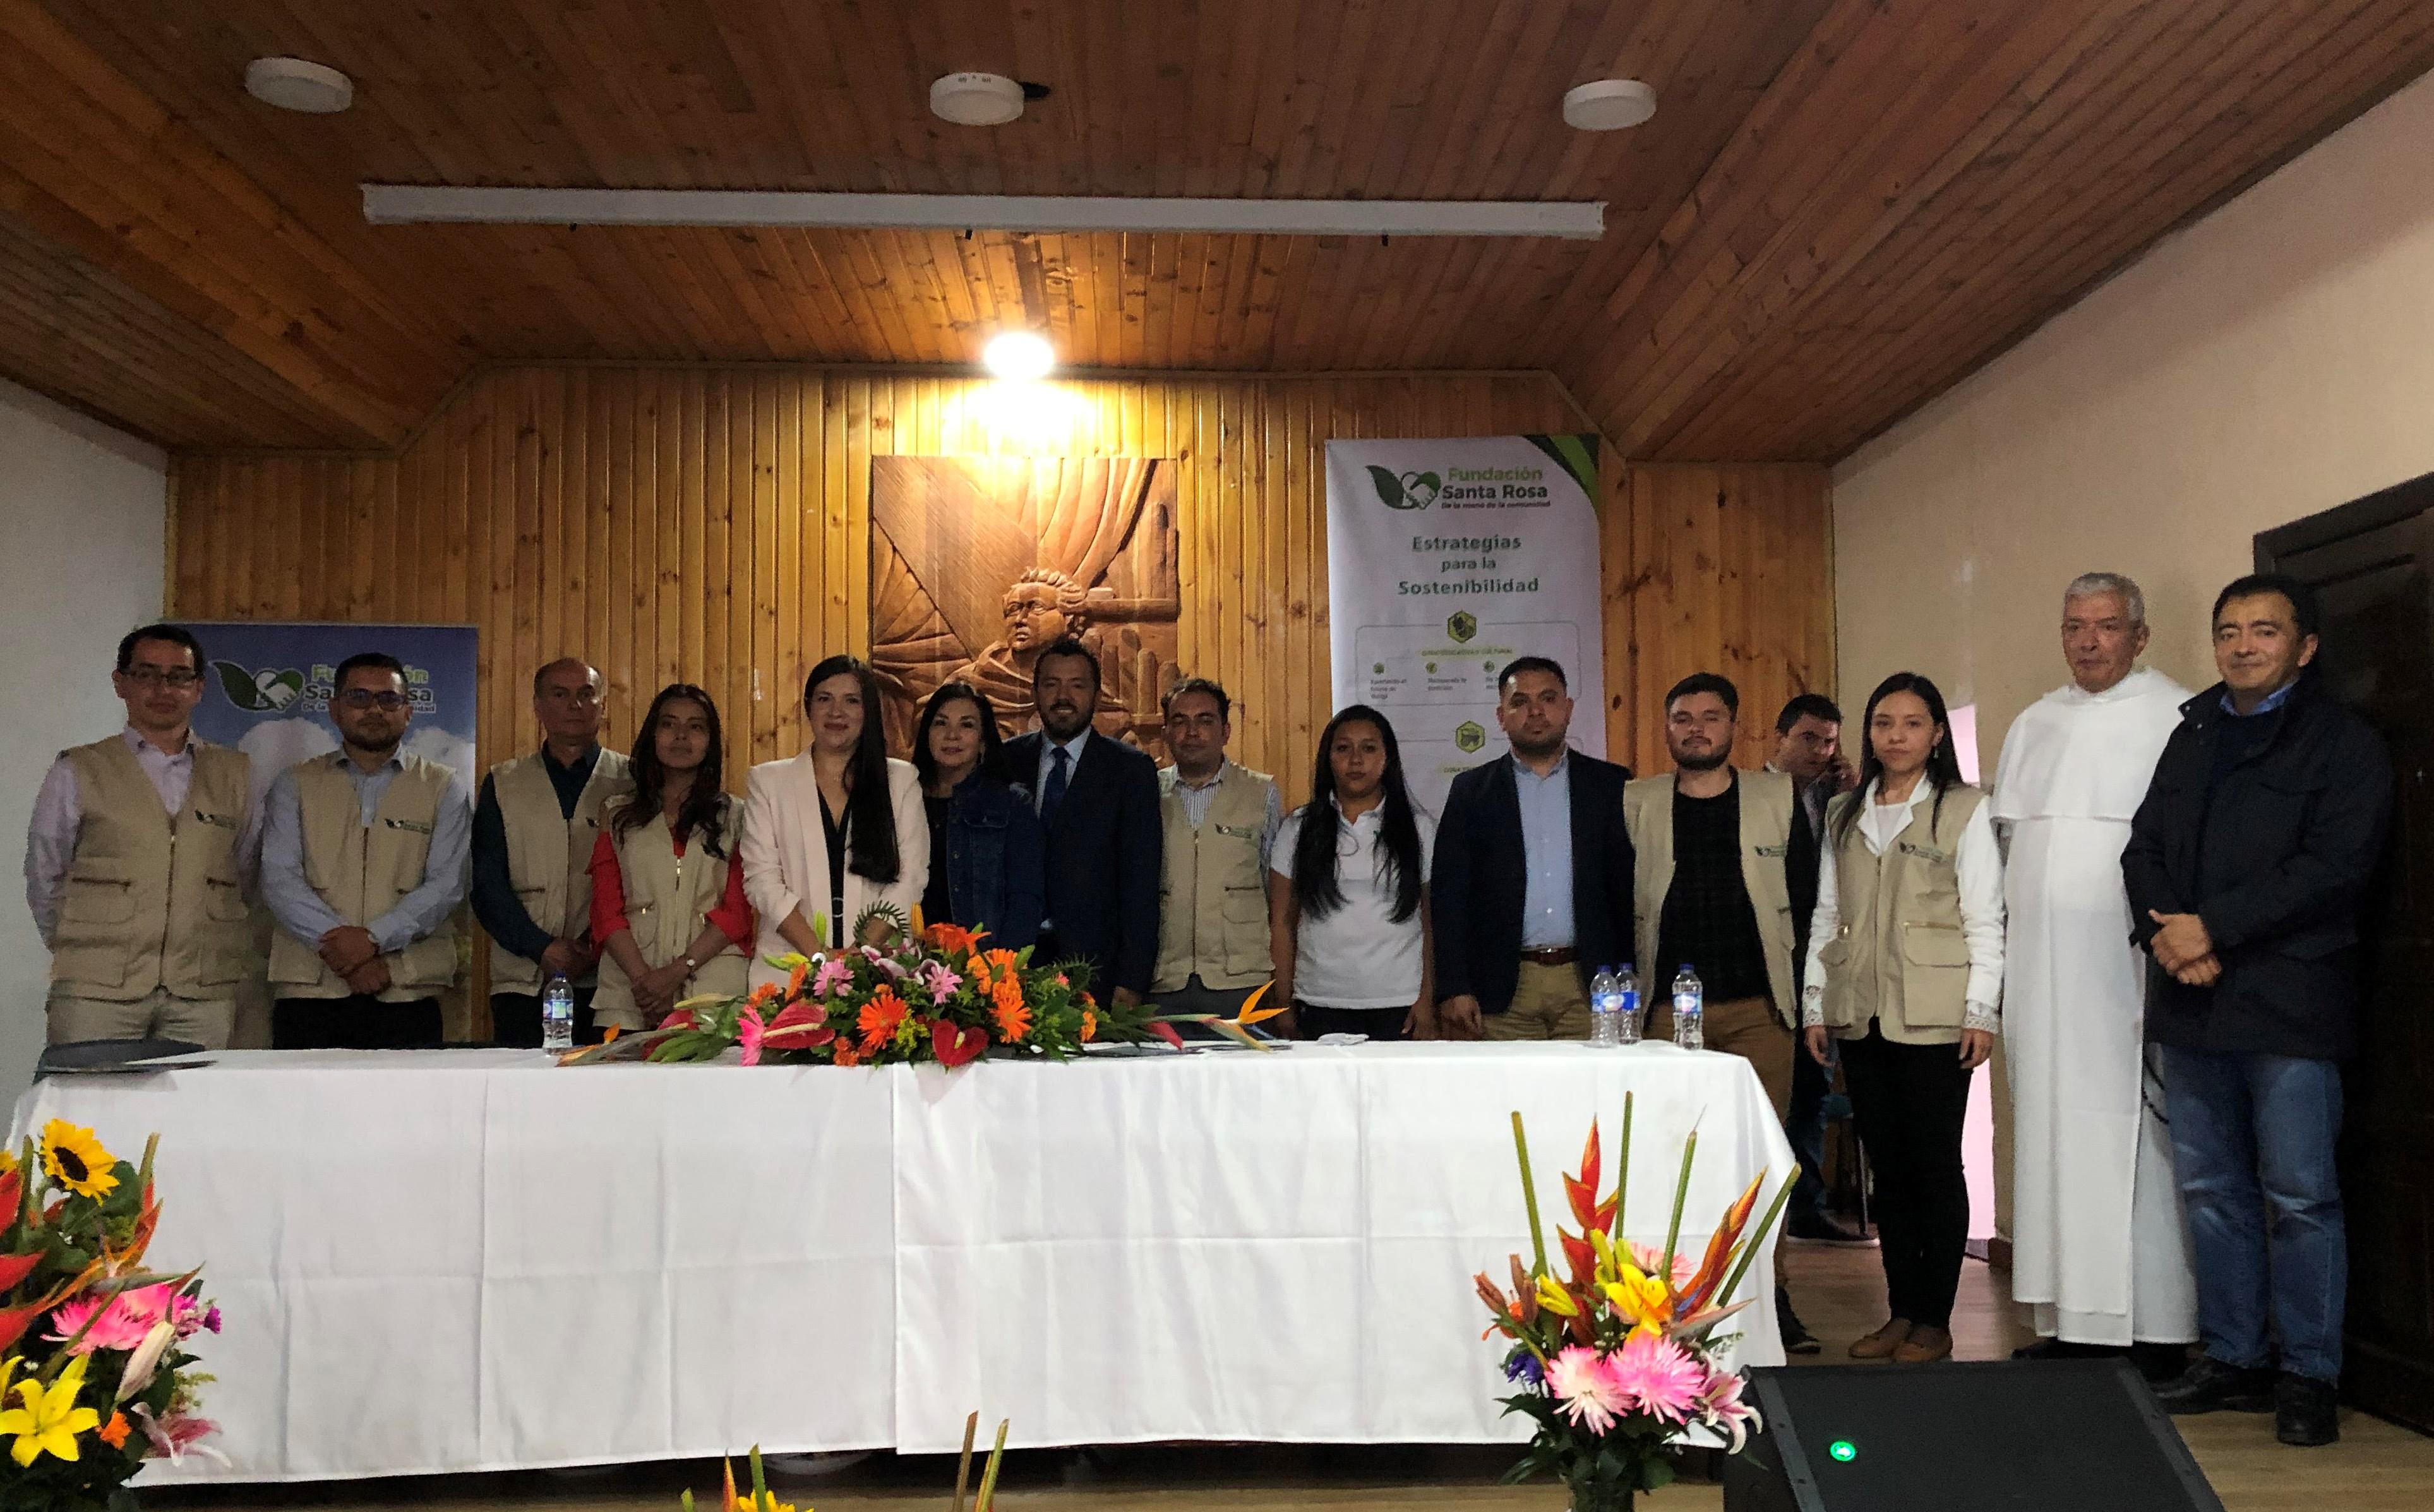 Se inaugura nueva sede de Fundación Santa Rosa en Chiquinquirá